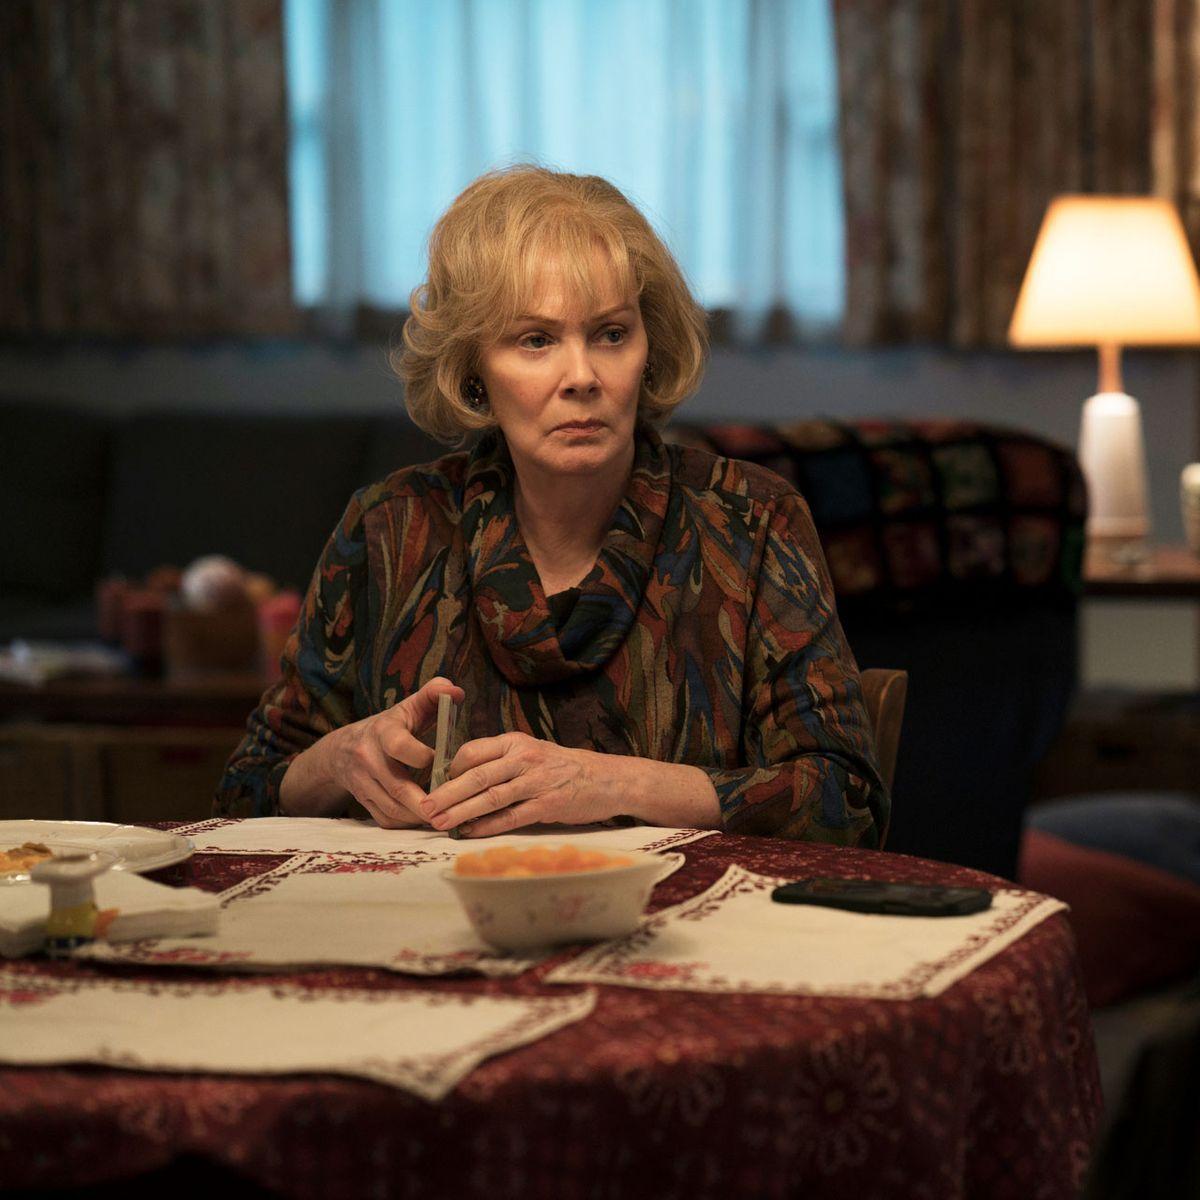 Хелън, майката на Мер в сериала е изиграна от Джийн Смарт